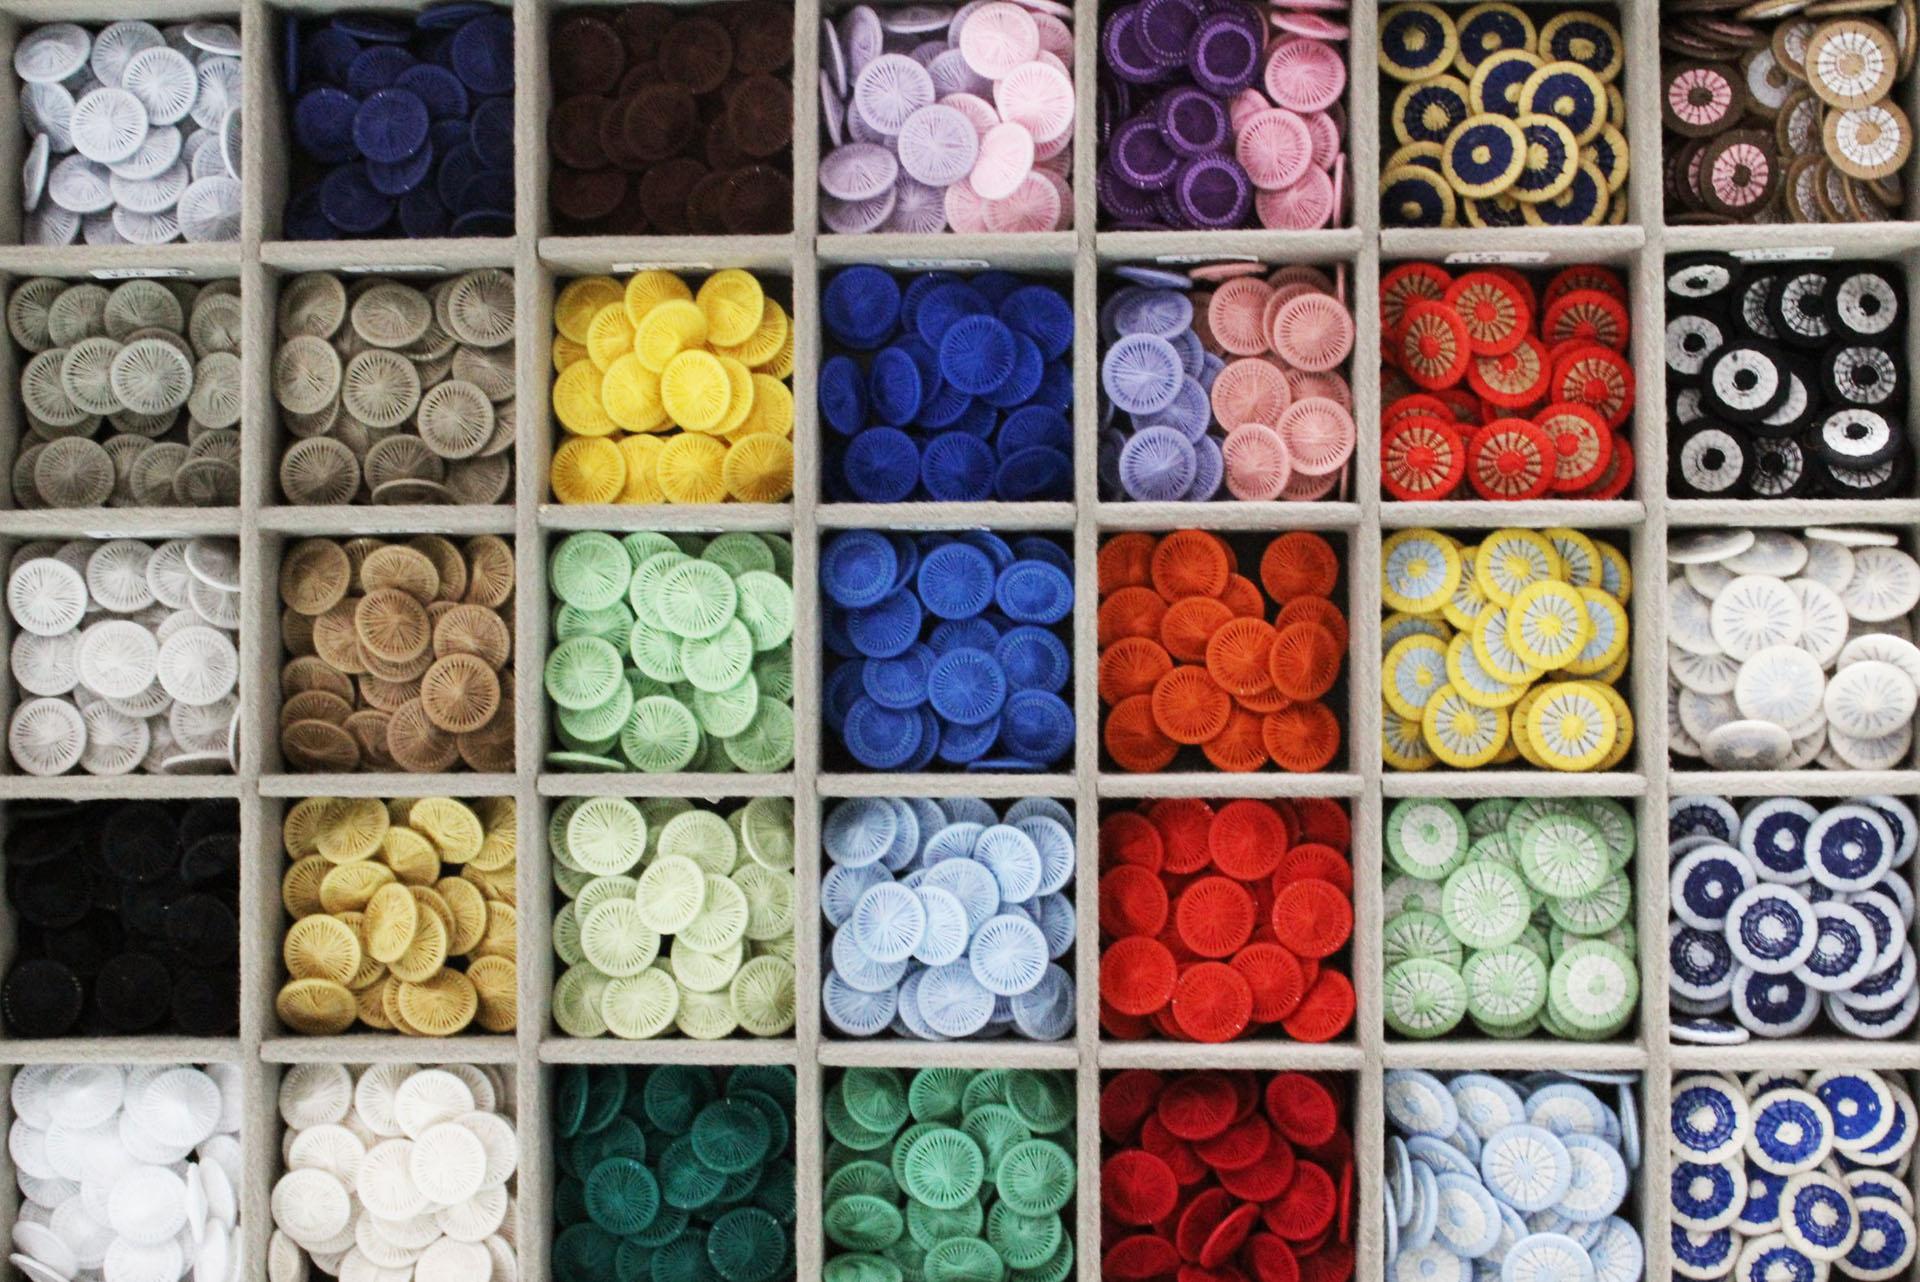 るり色、藤色、ミント、オレンジ。新らしい色あります。新色と言うか、メーカーのデッドストック糸で作りました。